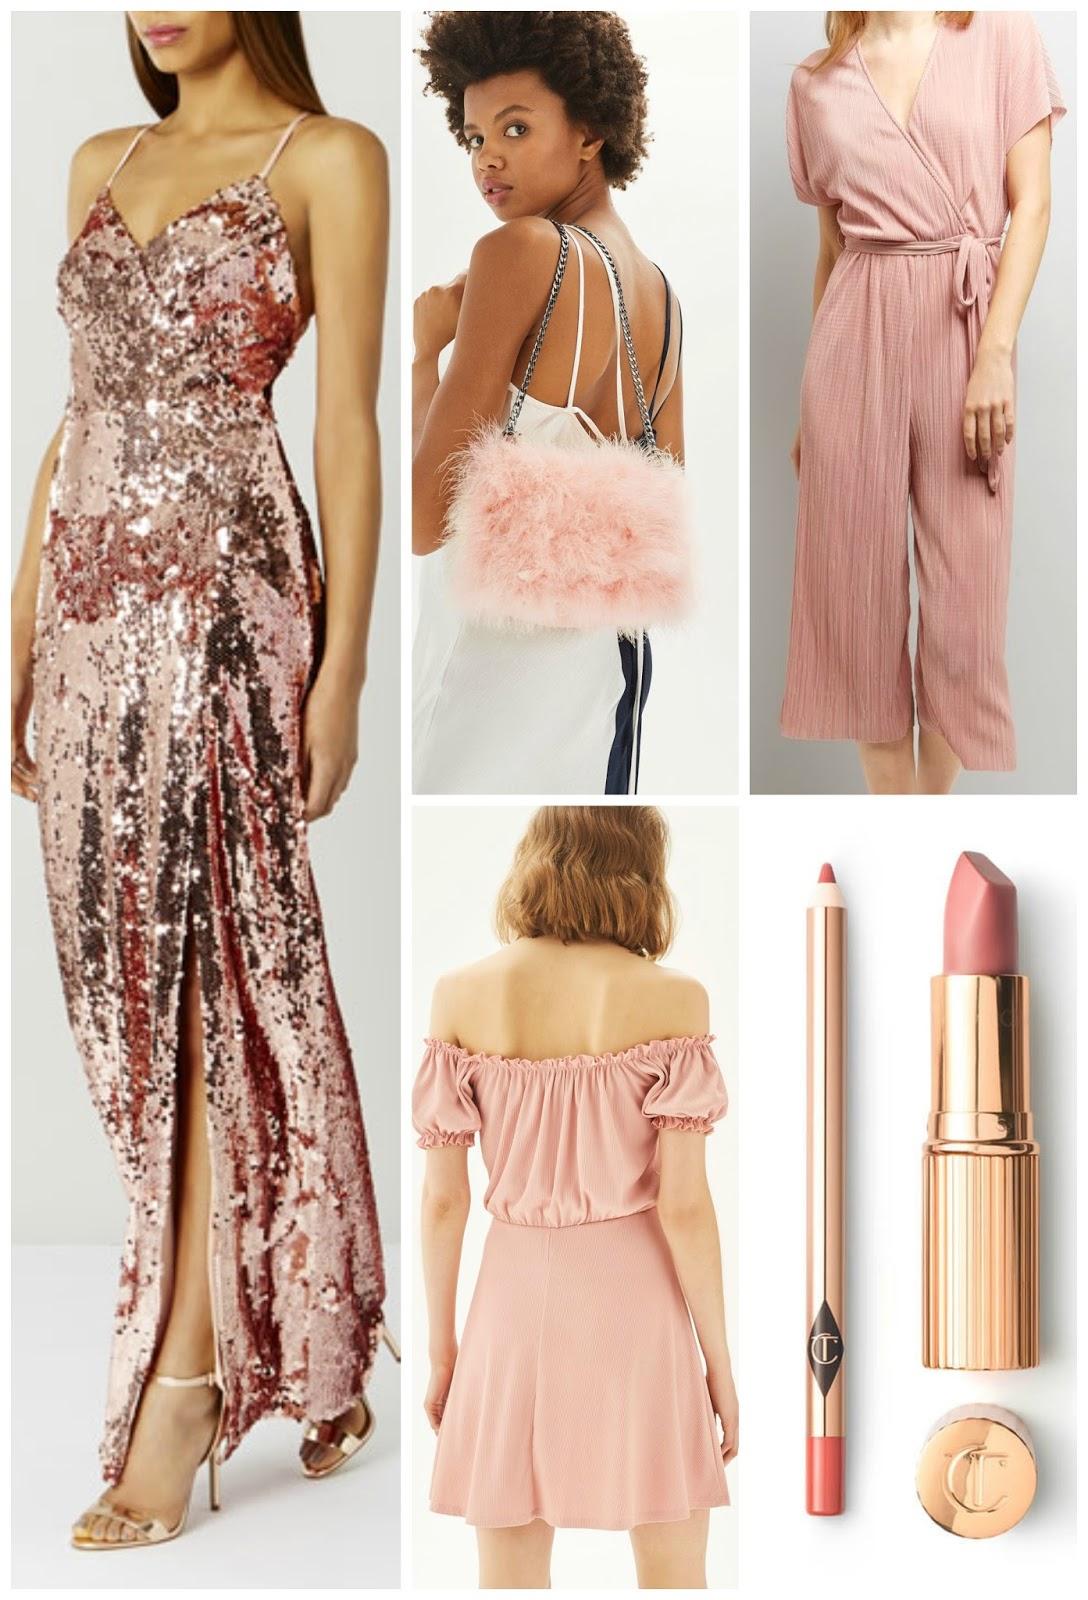 Millennial Pink Clothes